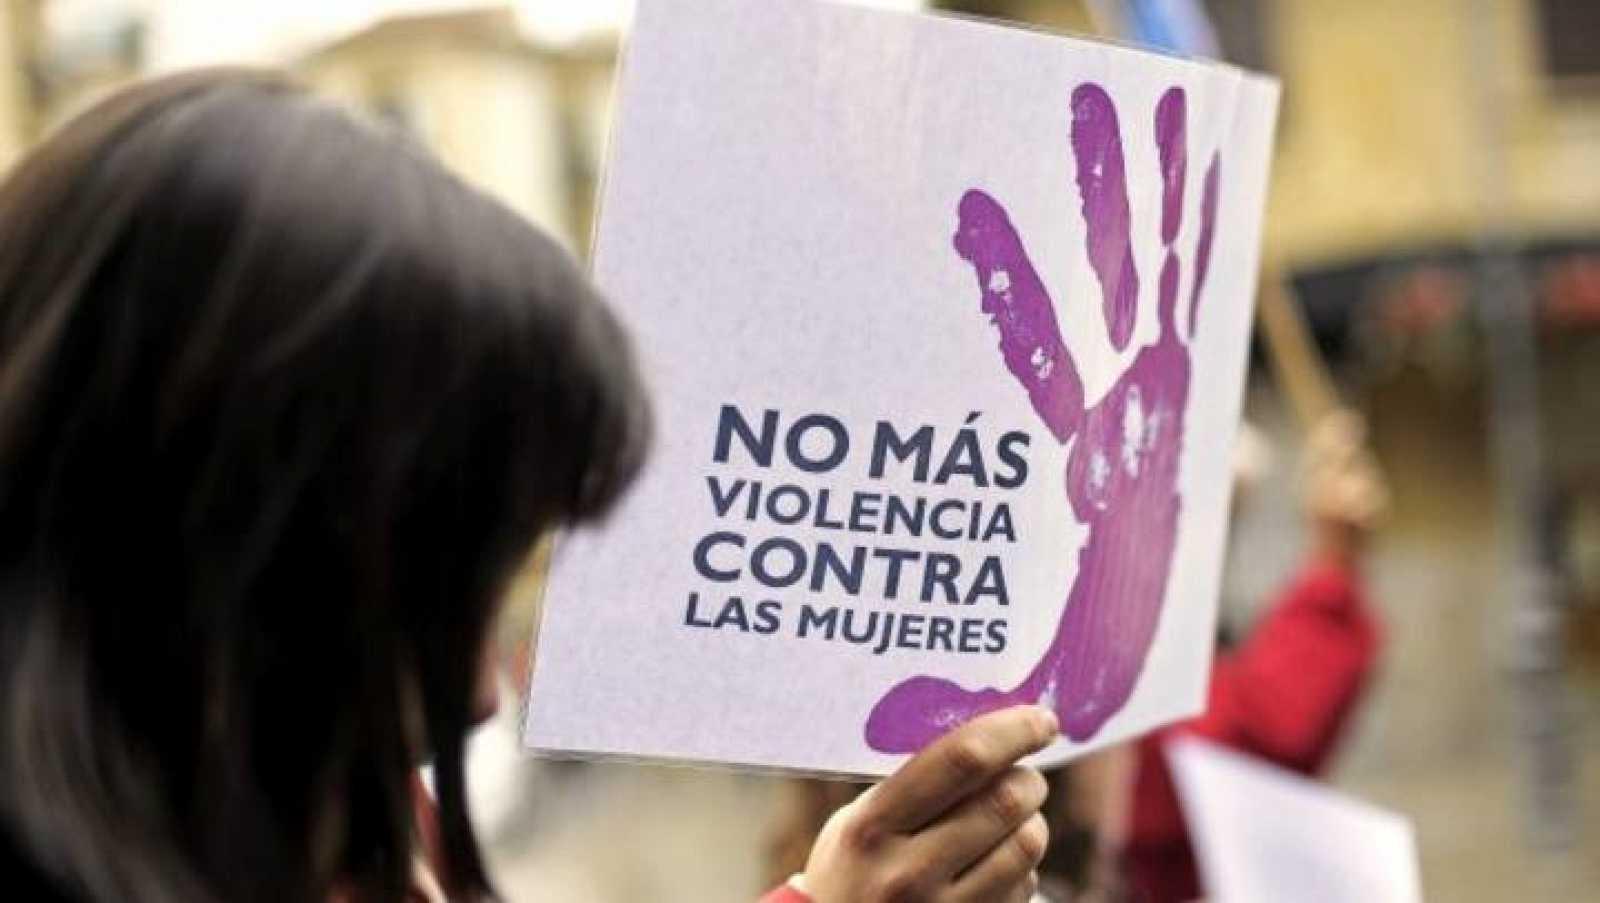 Asesinada una mujer presuntamente por su expareja en Torrejón de Ardoz